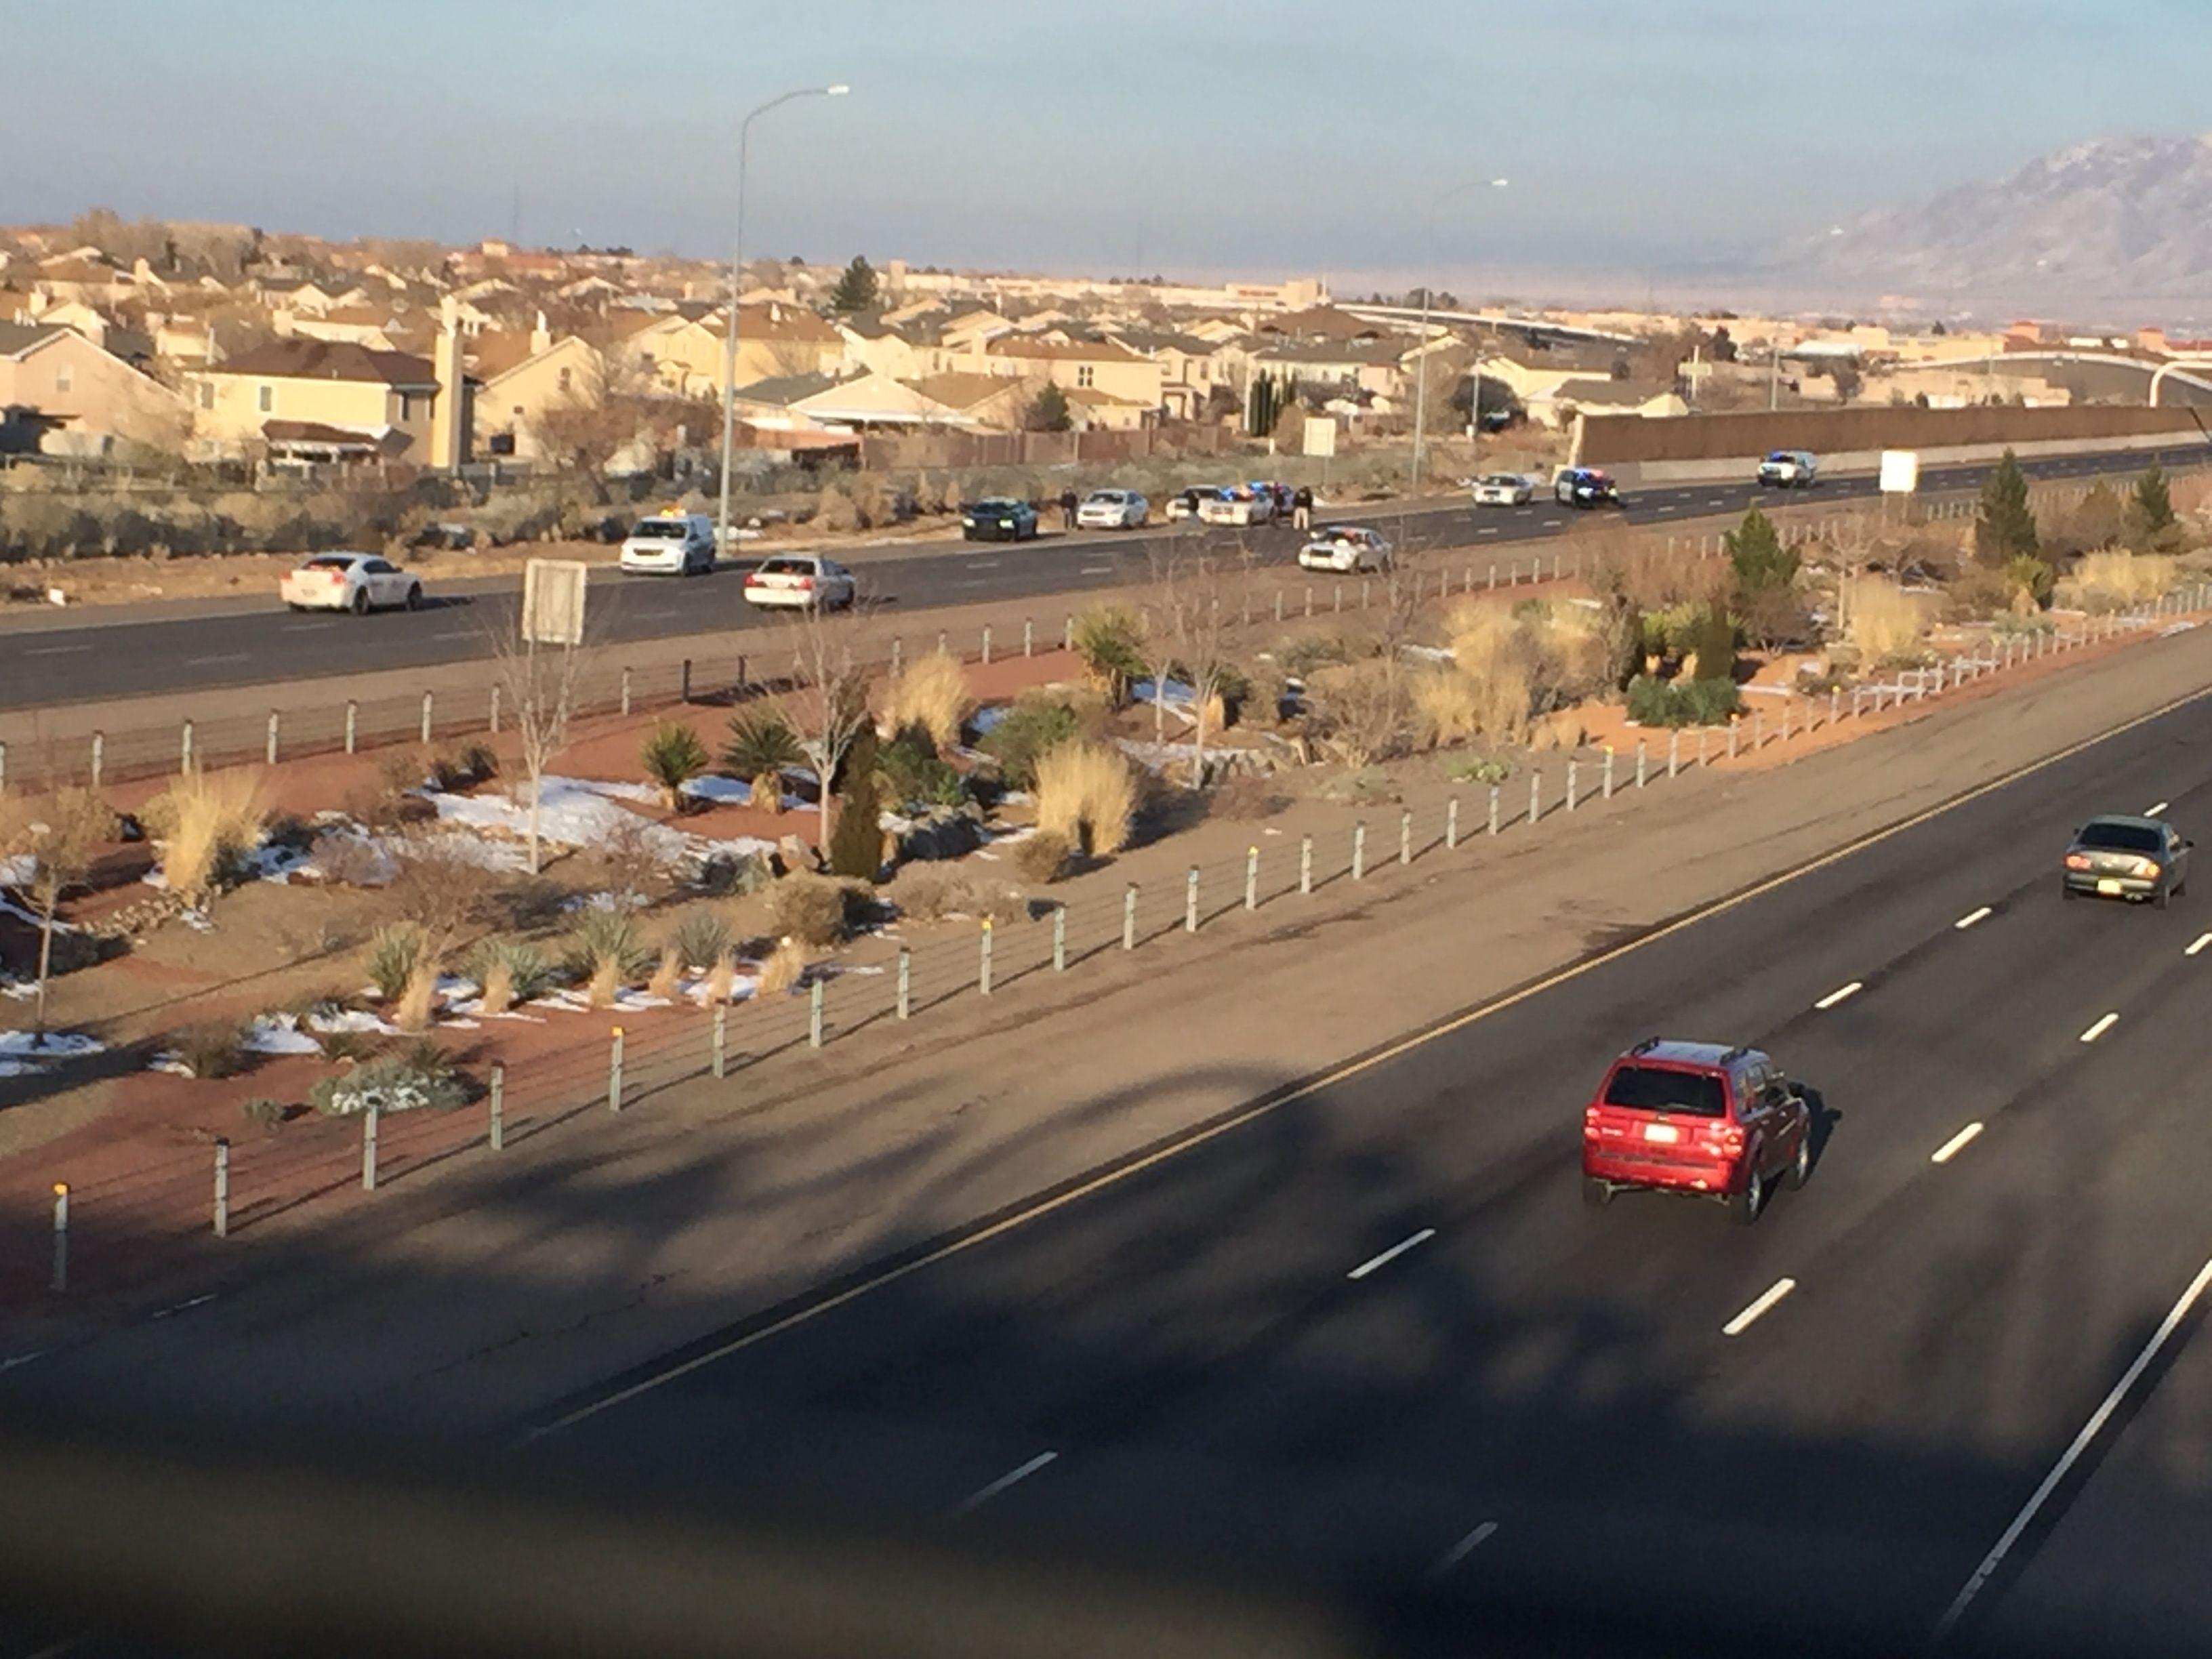 Fatal pedestrian crash closes I-40 WB at Coors